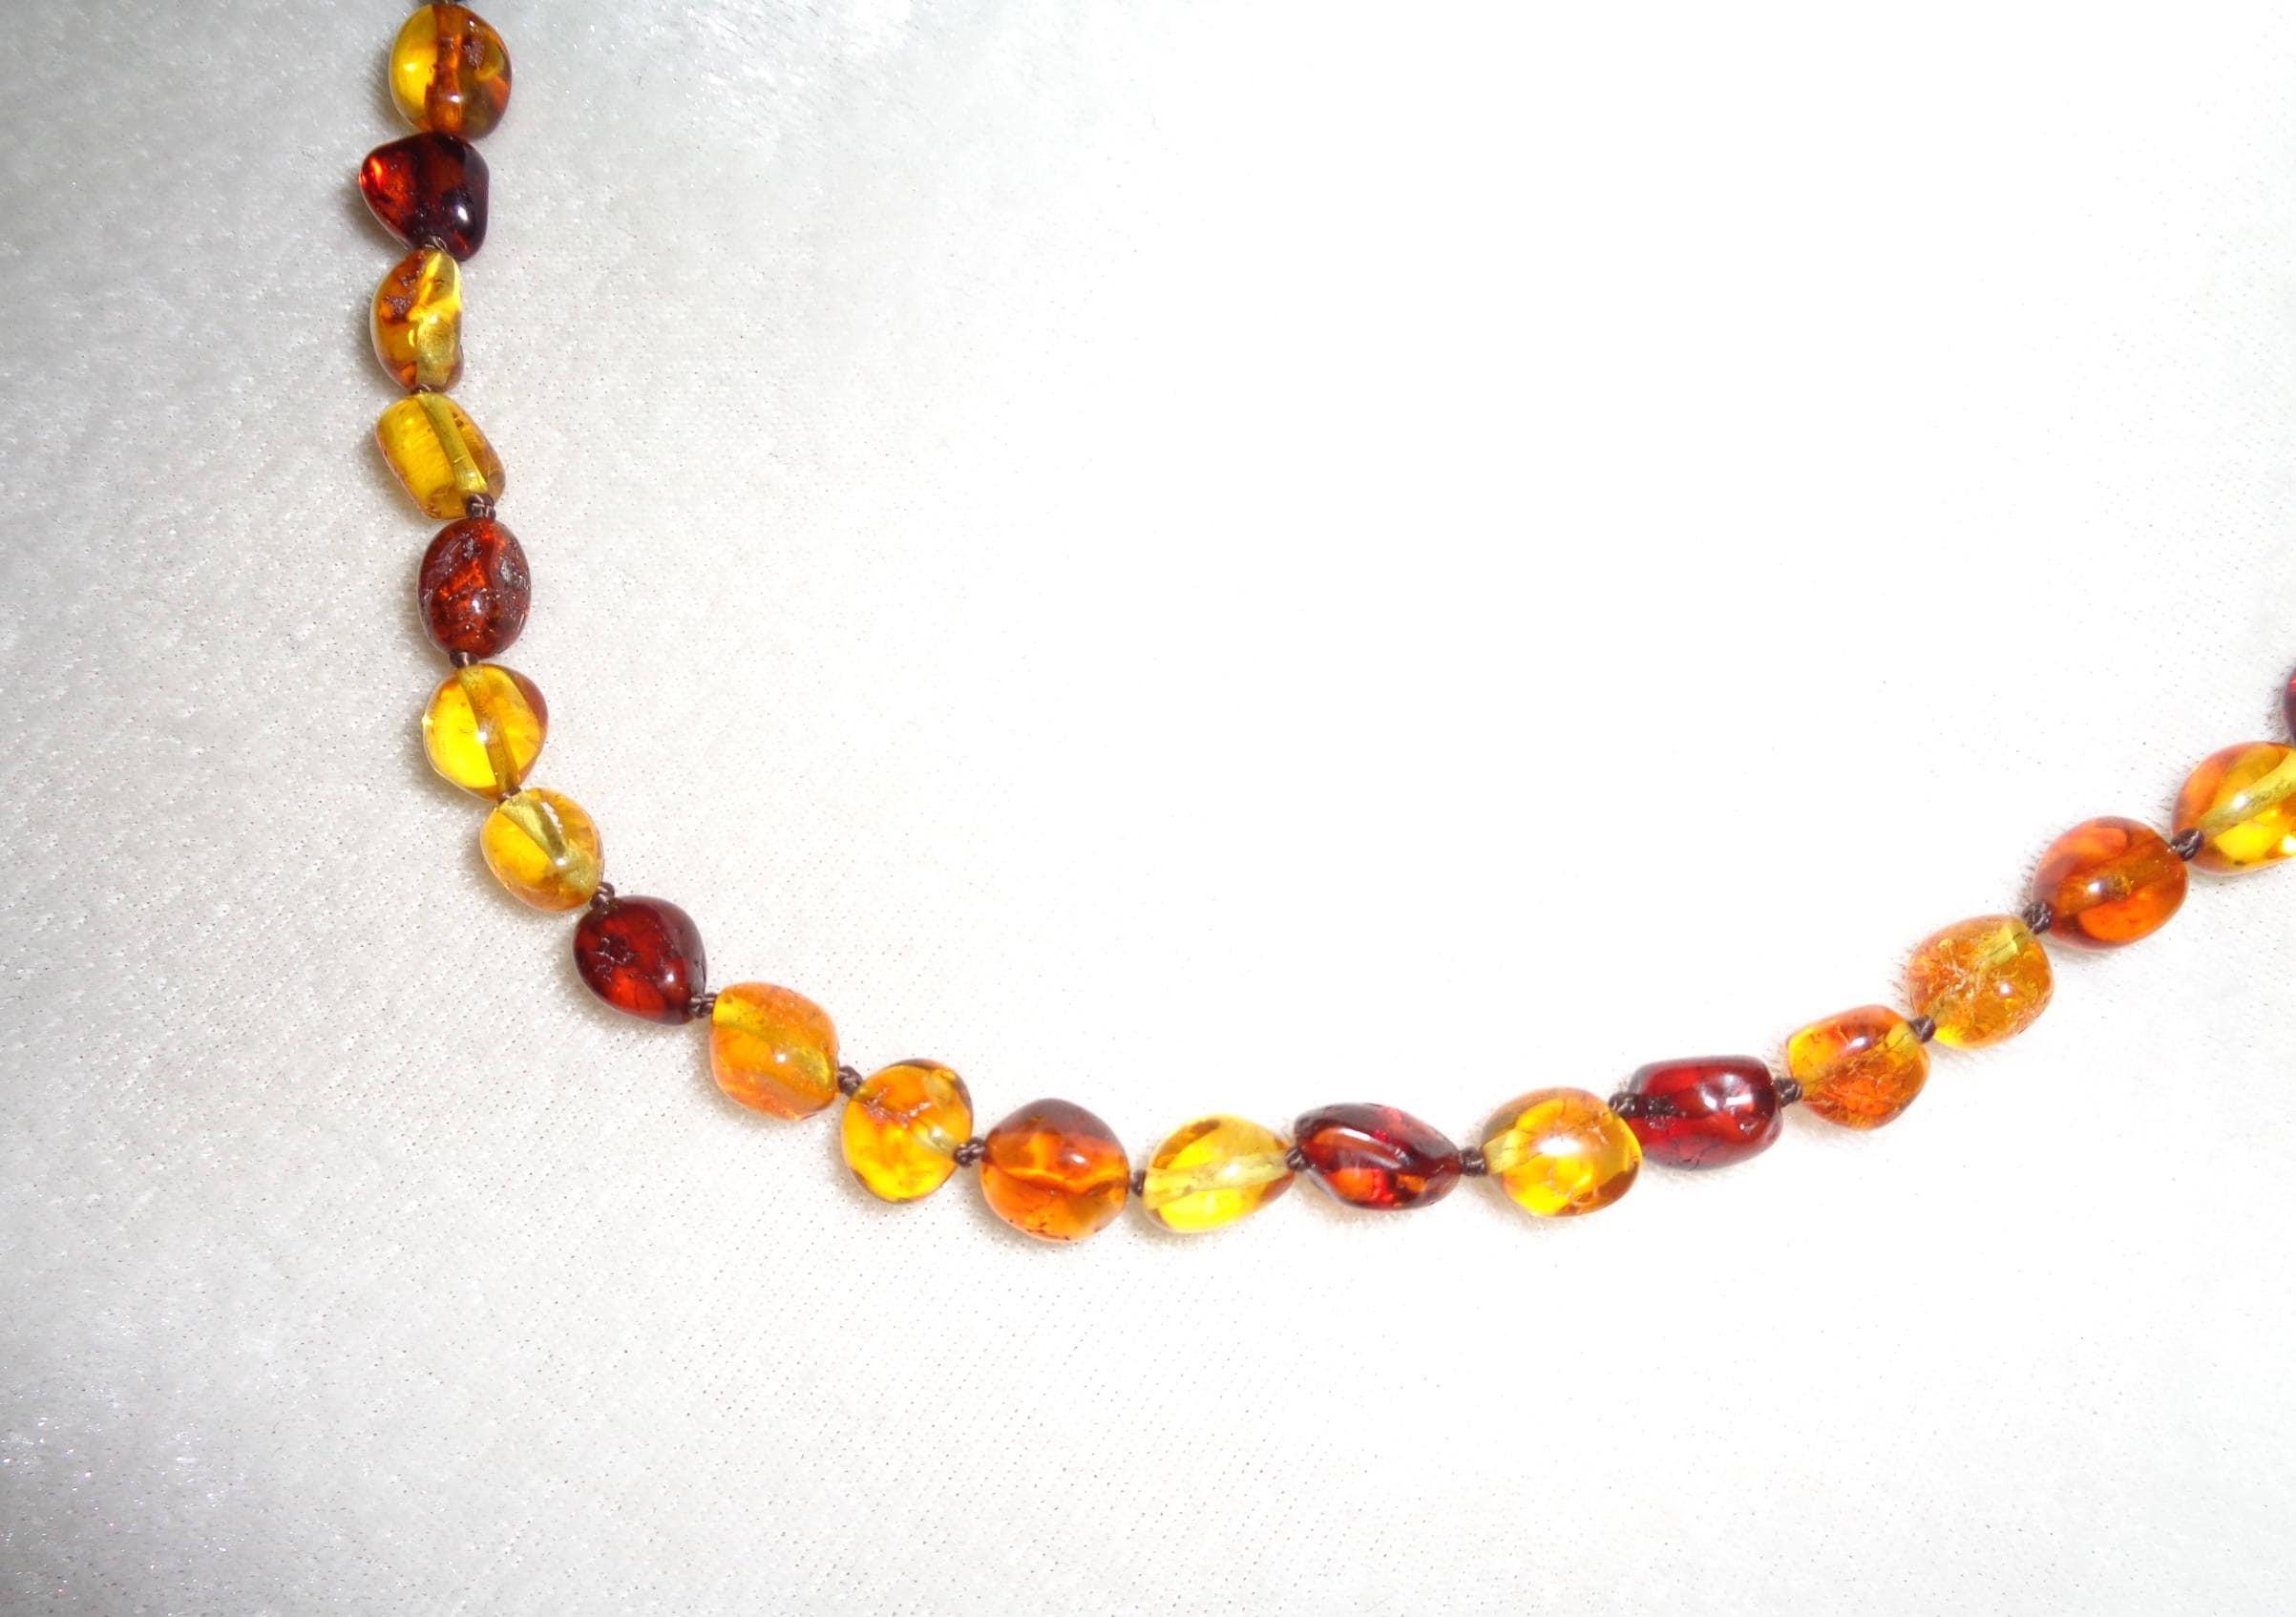 100% Natural & Handmade Amber Beads Jewelry tA1F9pXzKq